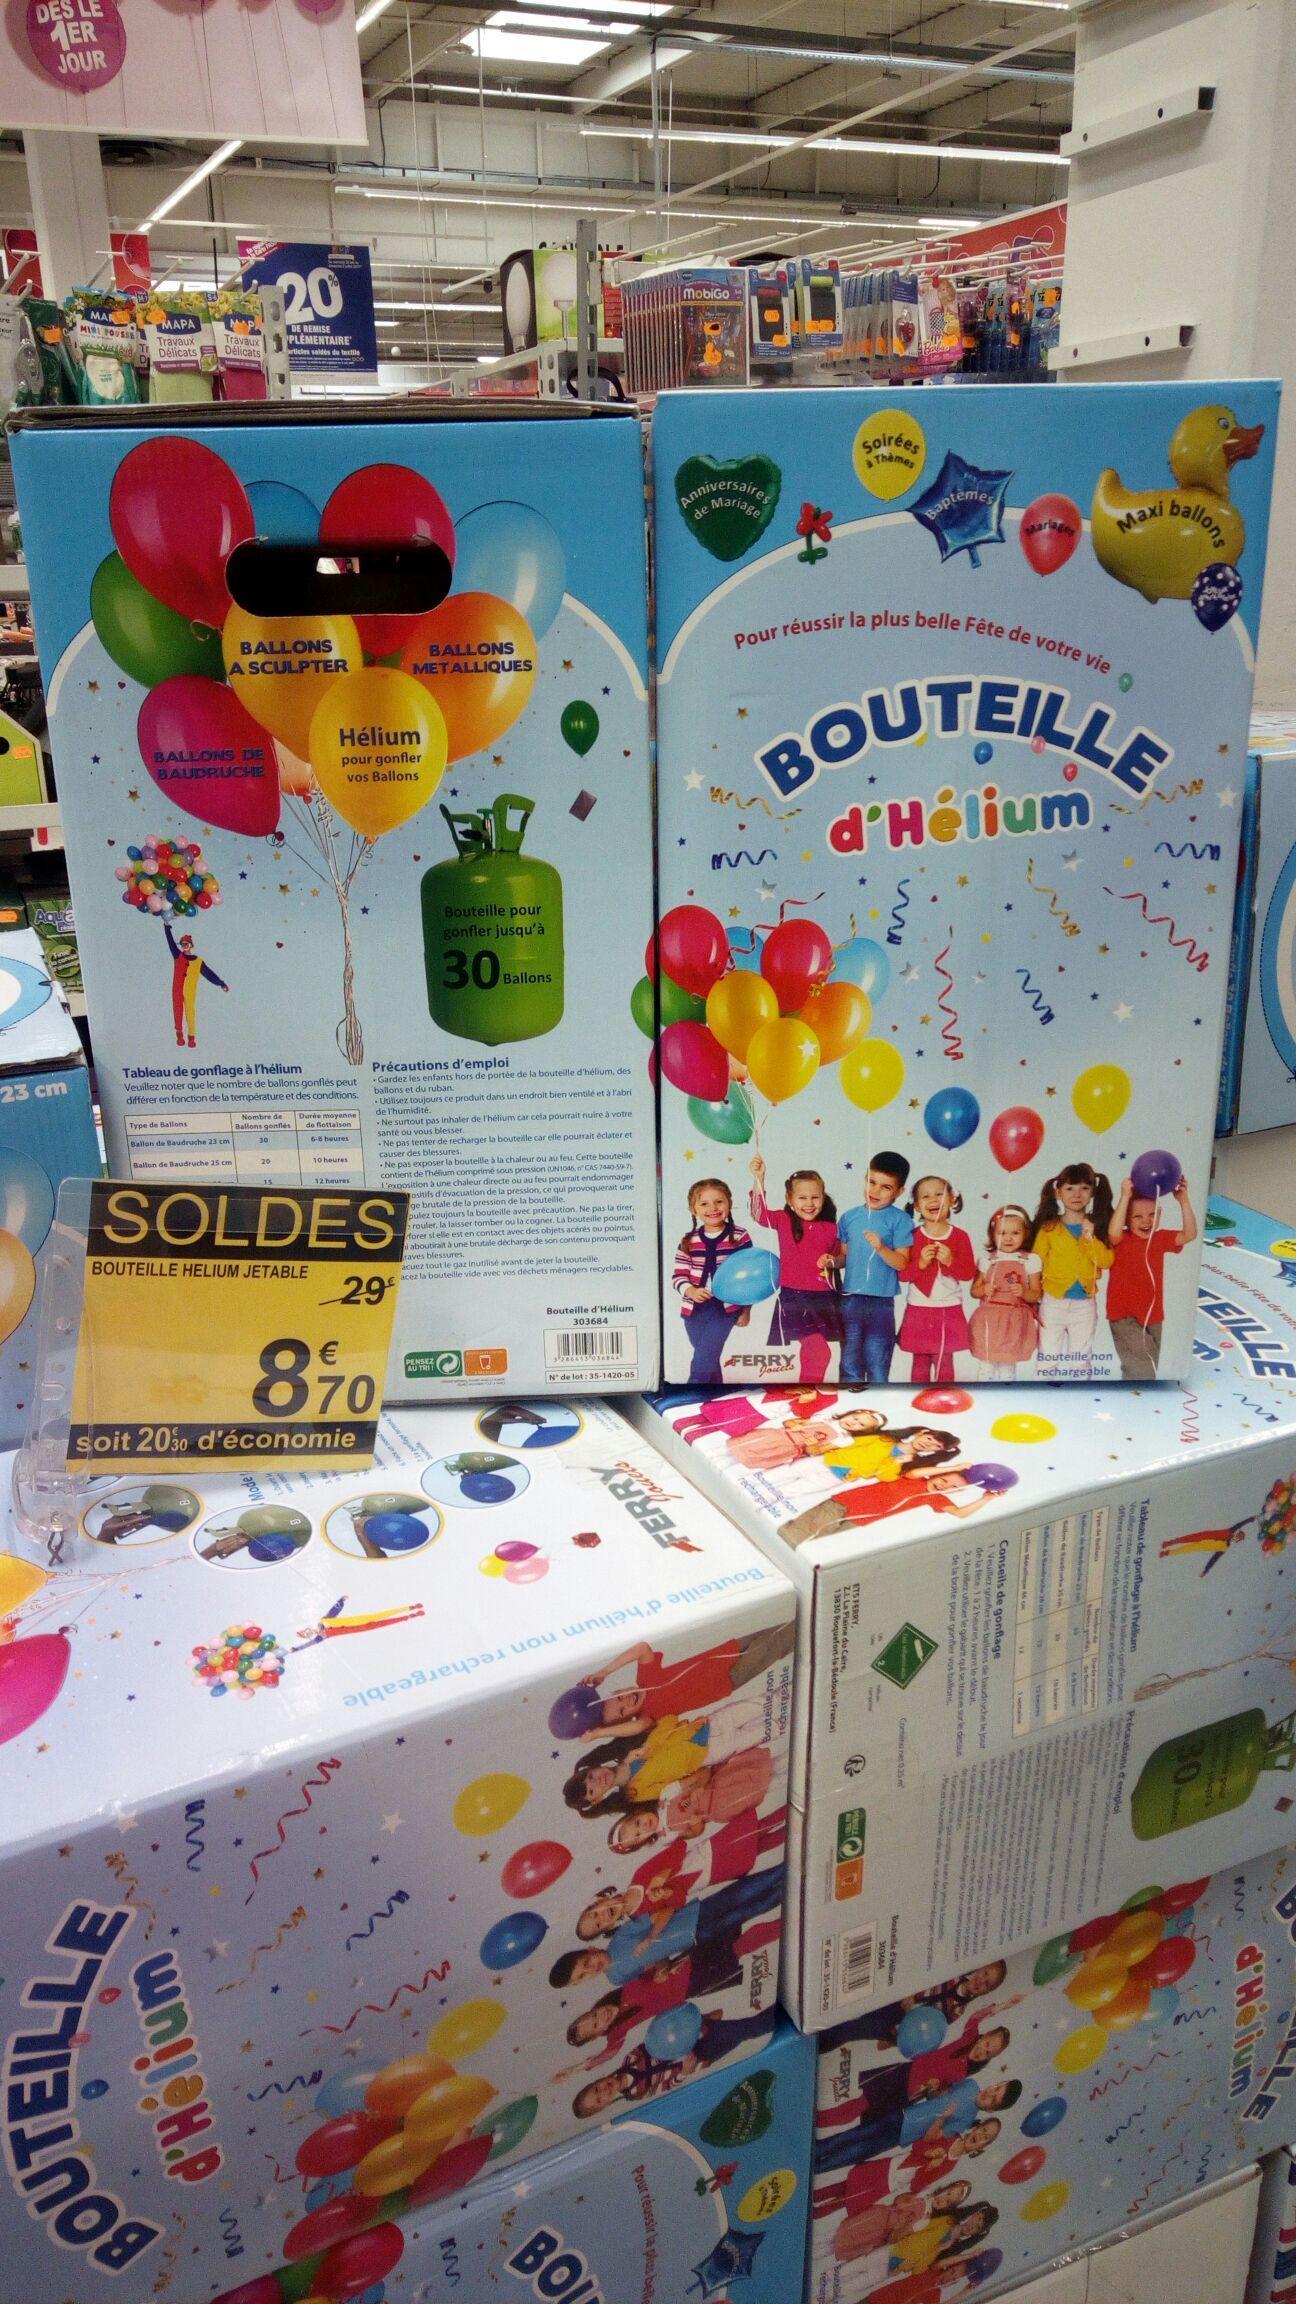 Bonbonne d'hélium jetable (jusqu'à 30 ballons)